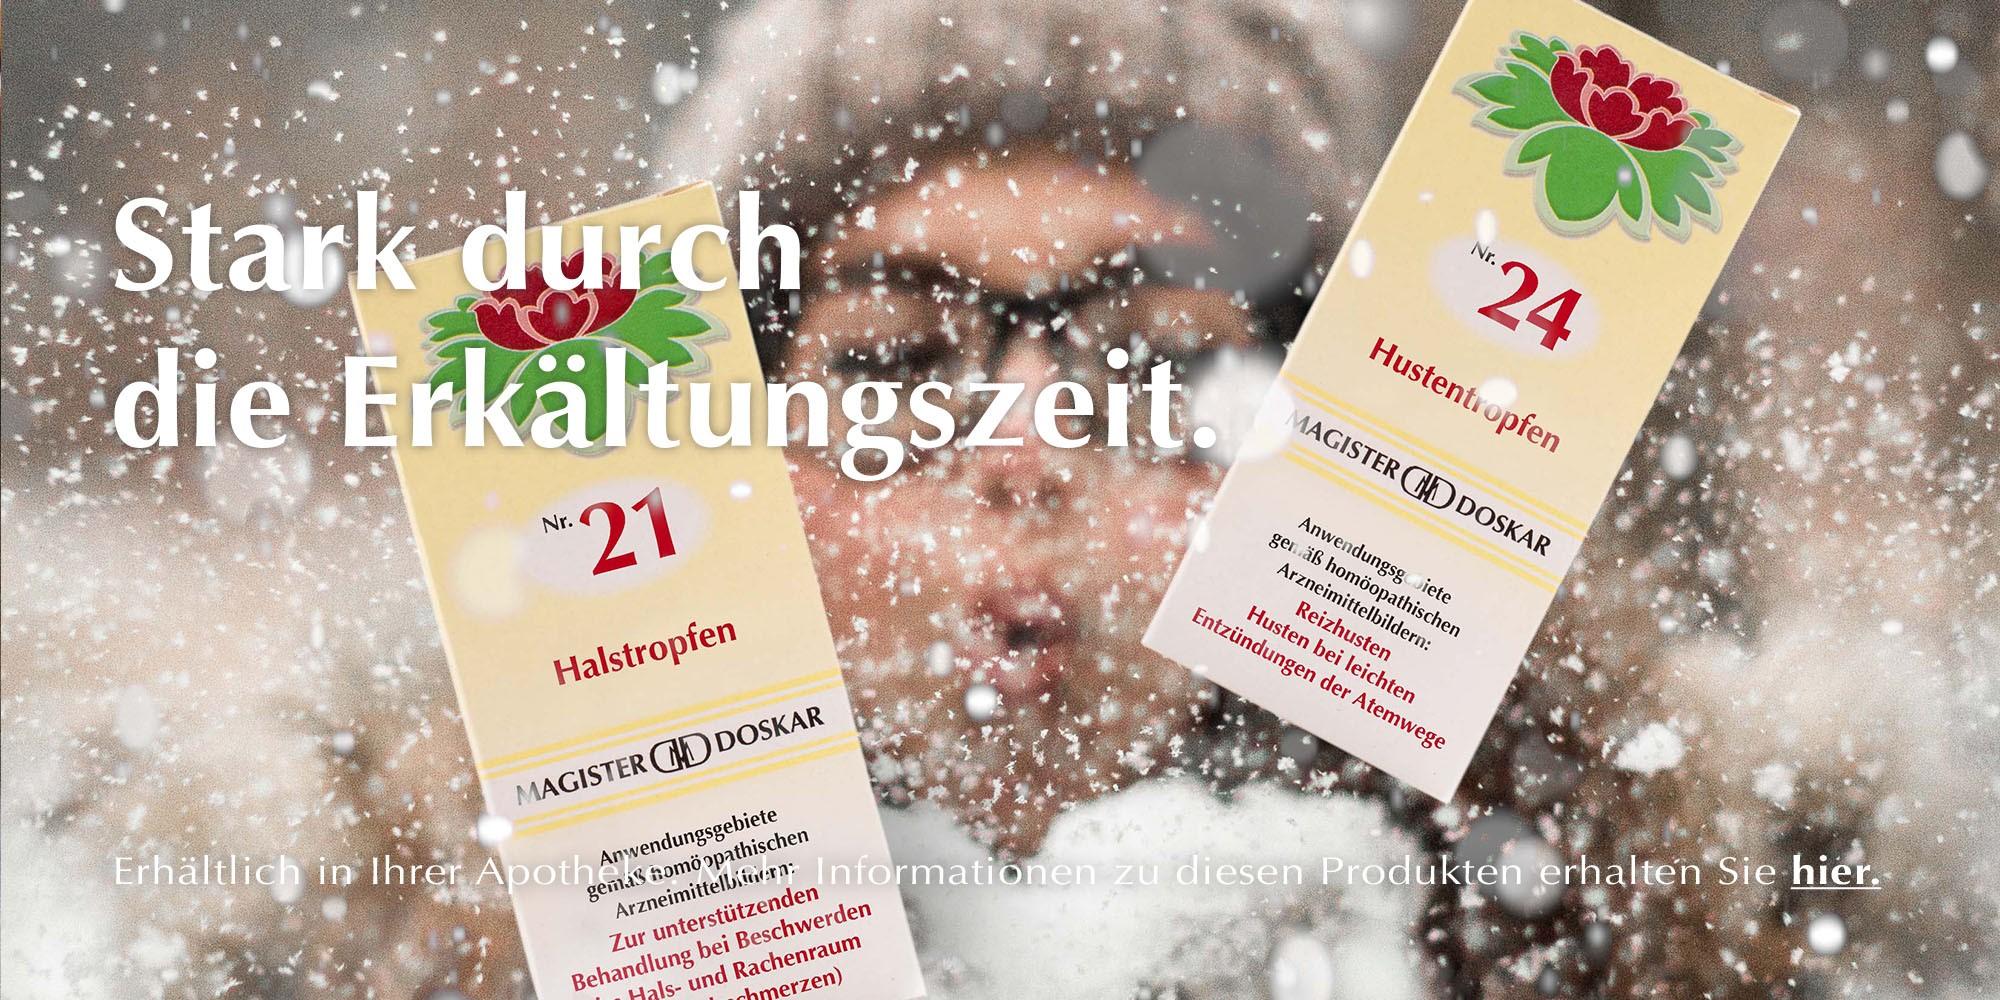 Stark durch die Erkältungszeit- Magister Doskar Halstropfen Nr. 21 und Nr. 24 Hustentropfen